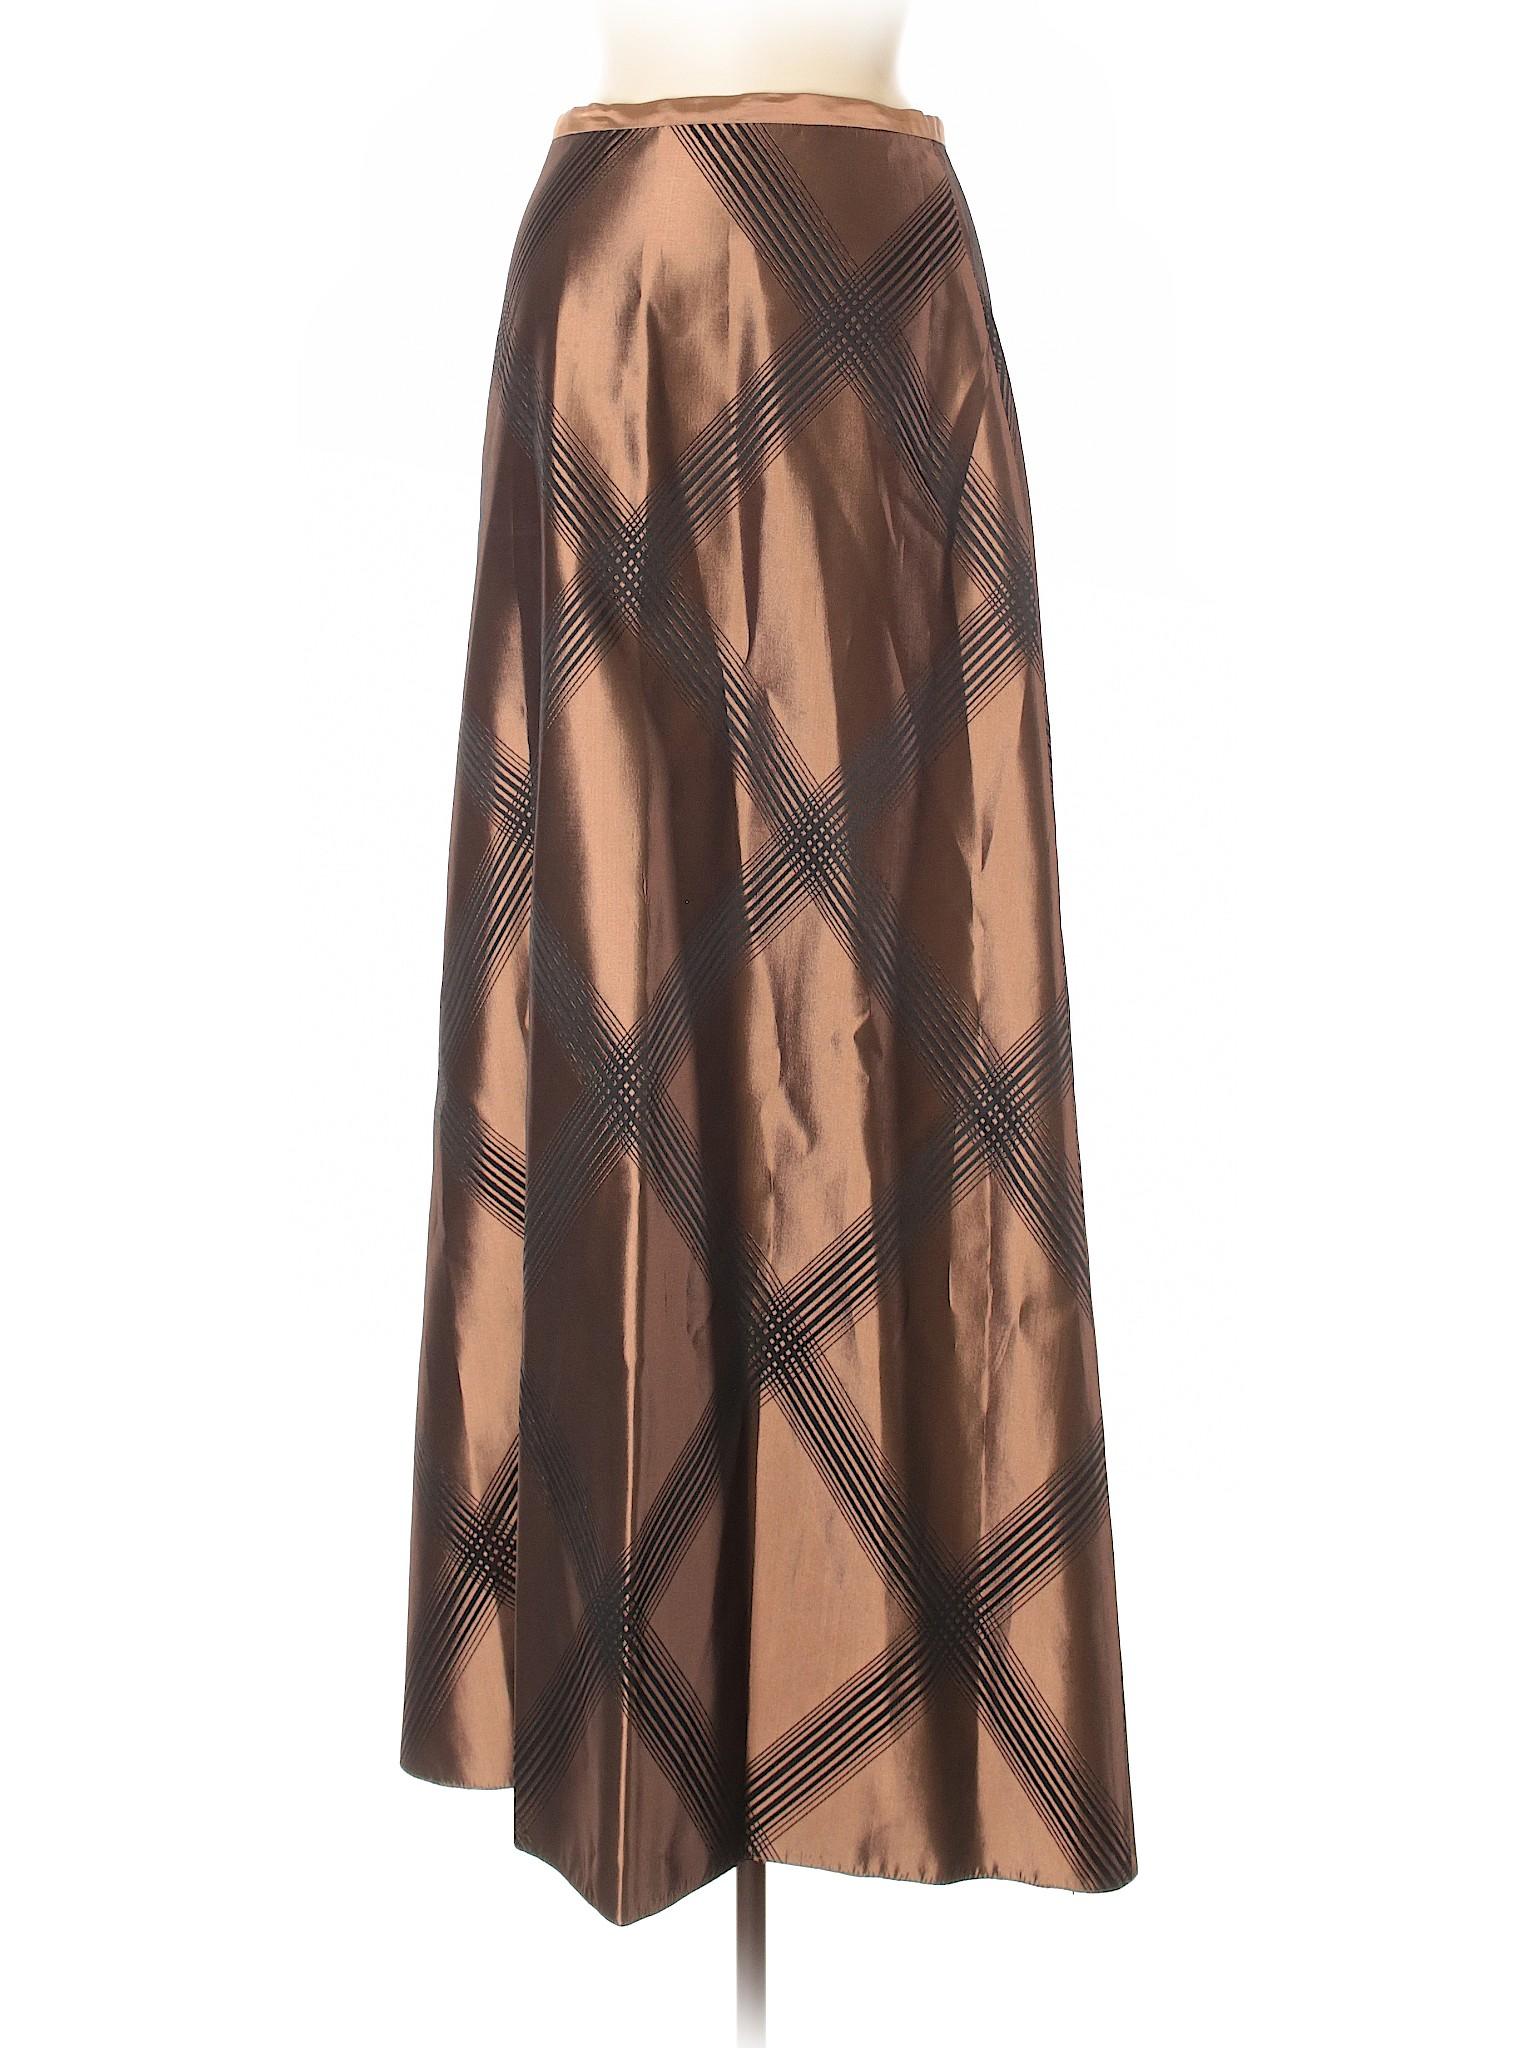 Boutique Skirt Boutique Boutique Formal Formal Skirt Formal pF4T77